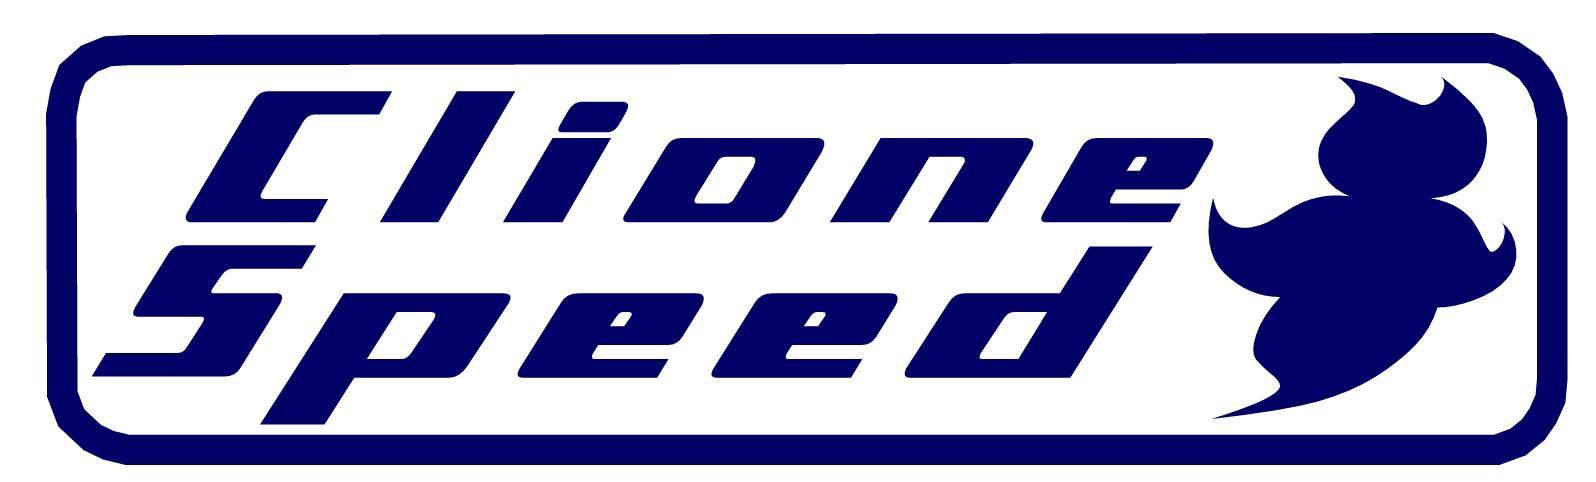 clionespeed